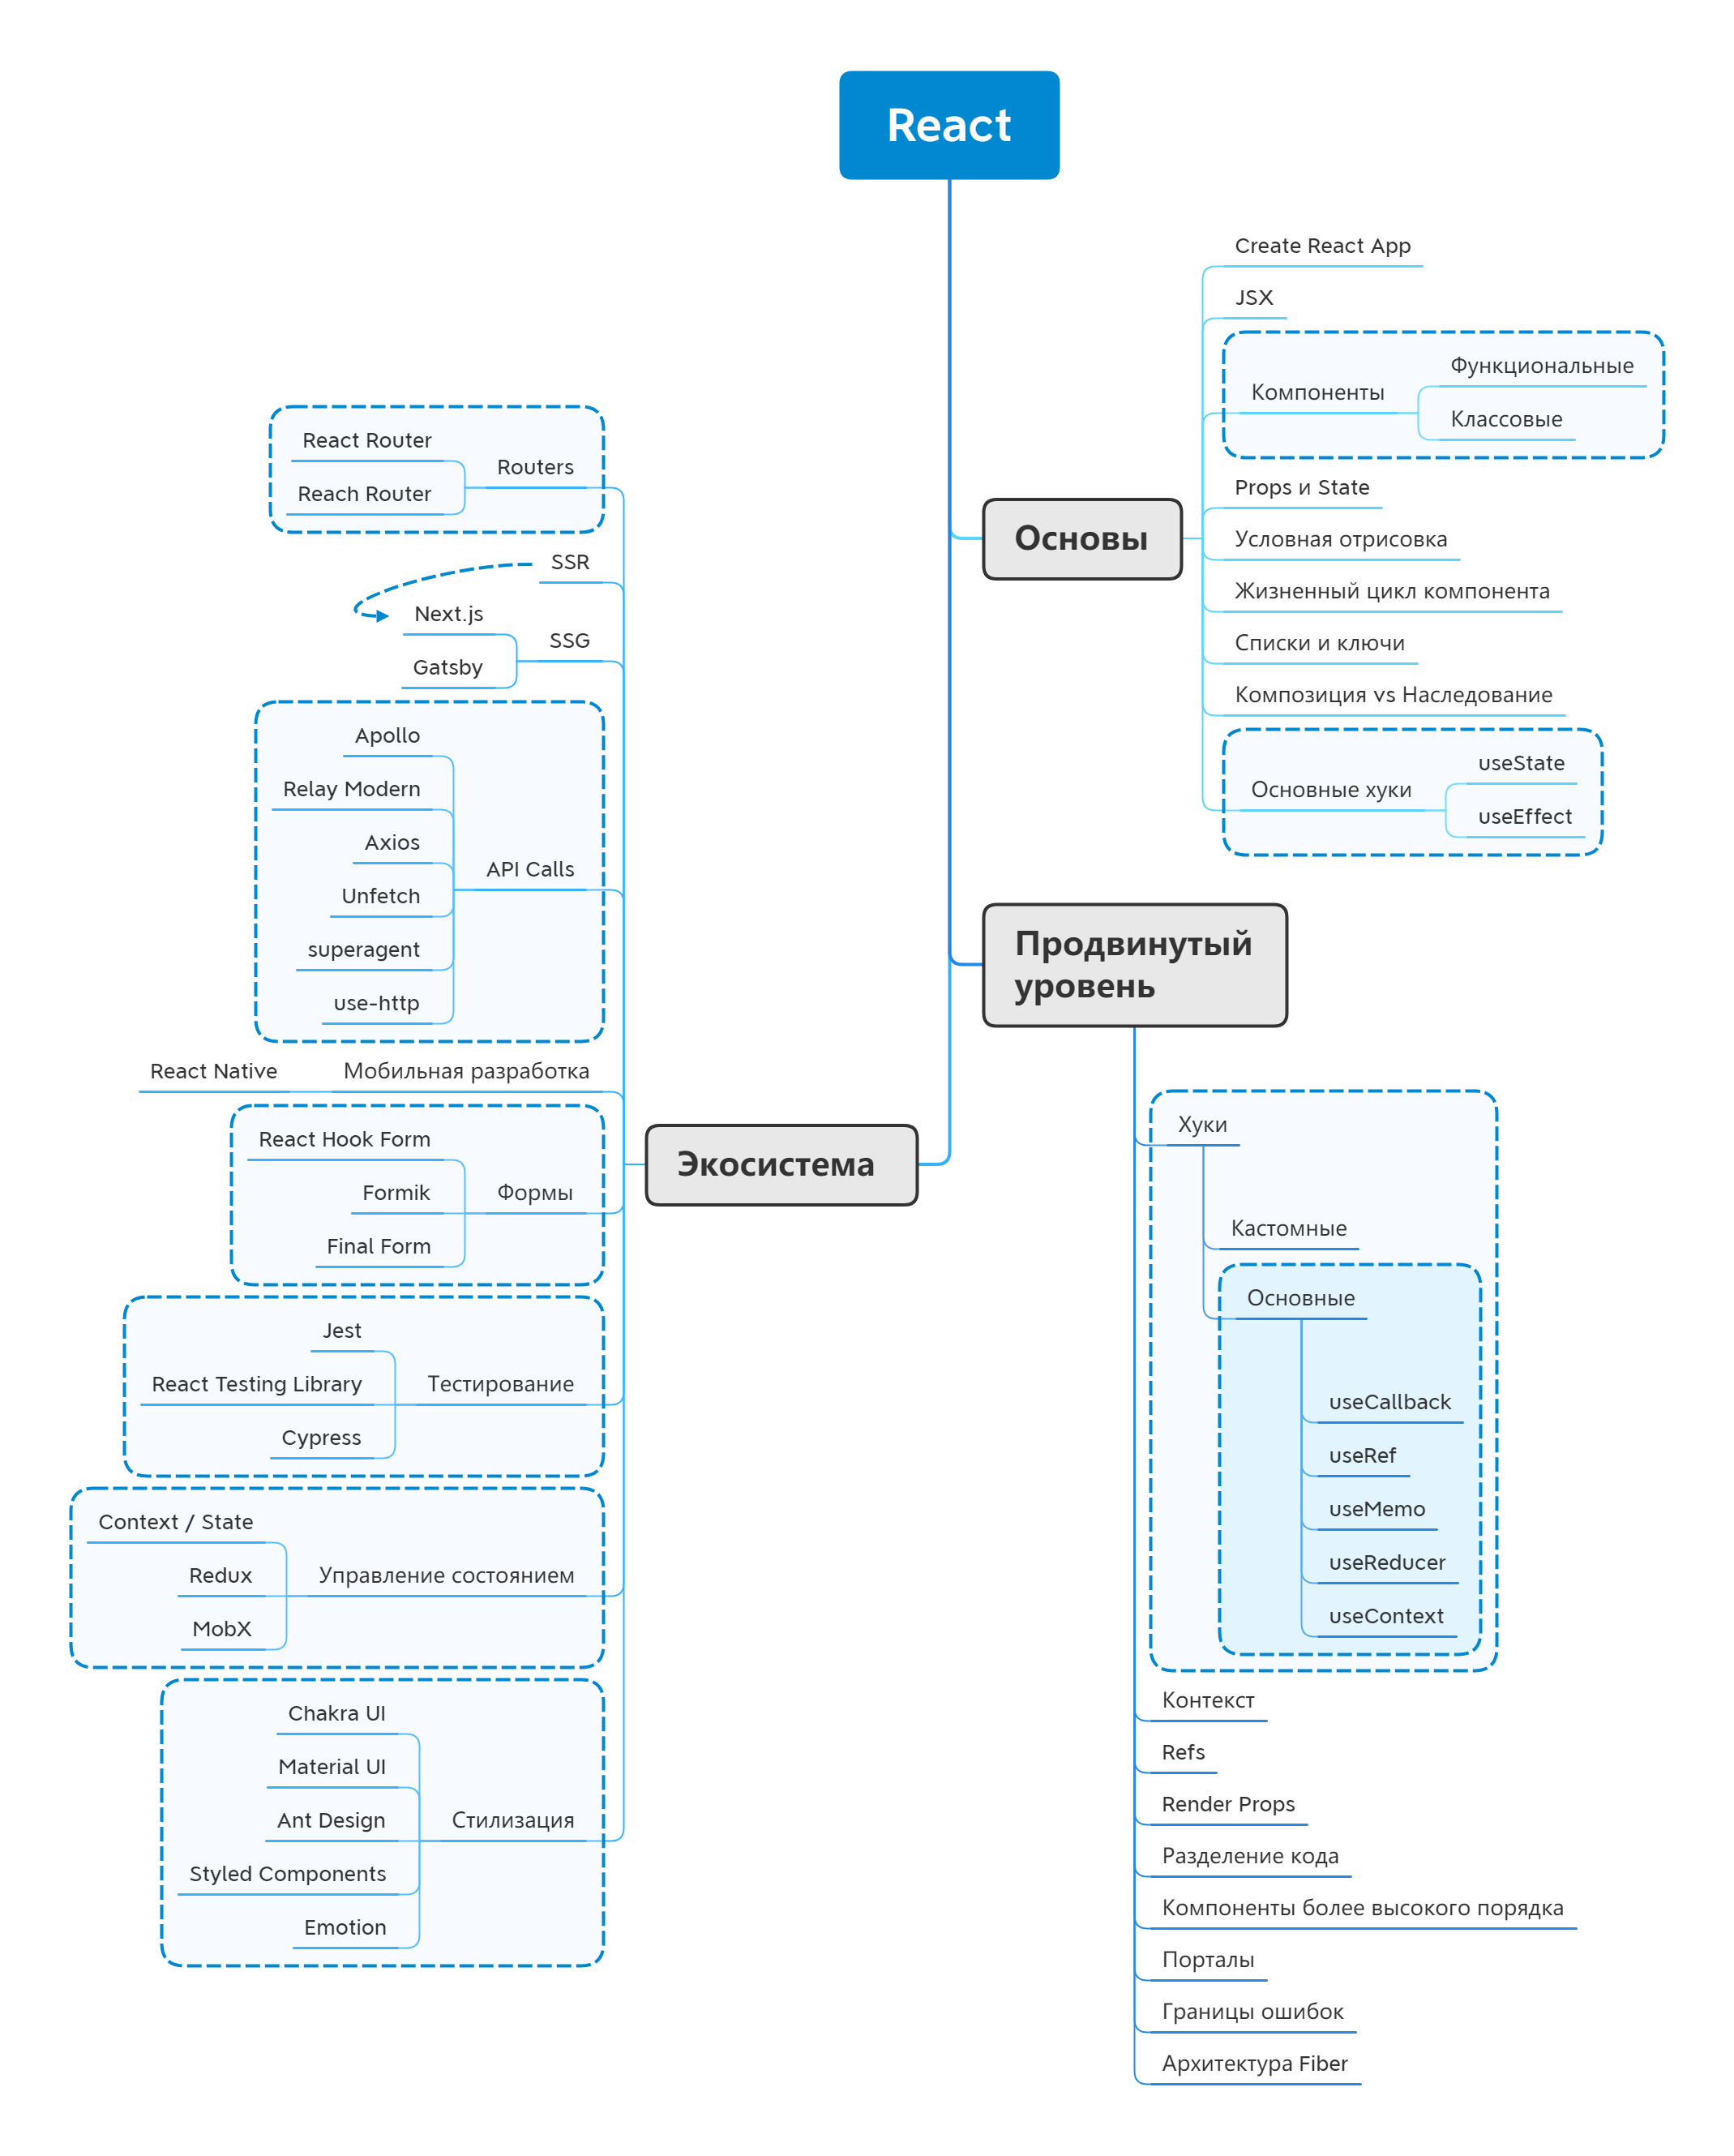 Как стать React-разработчиком в 2021